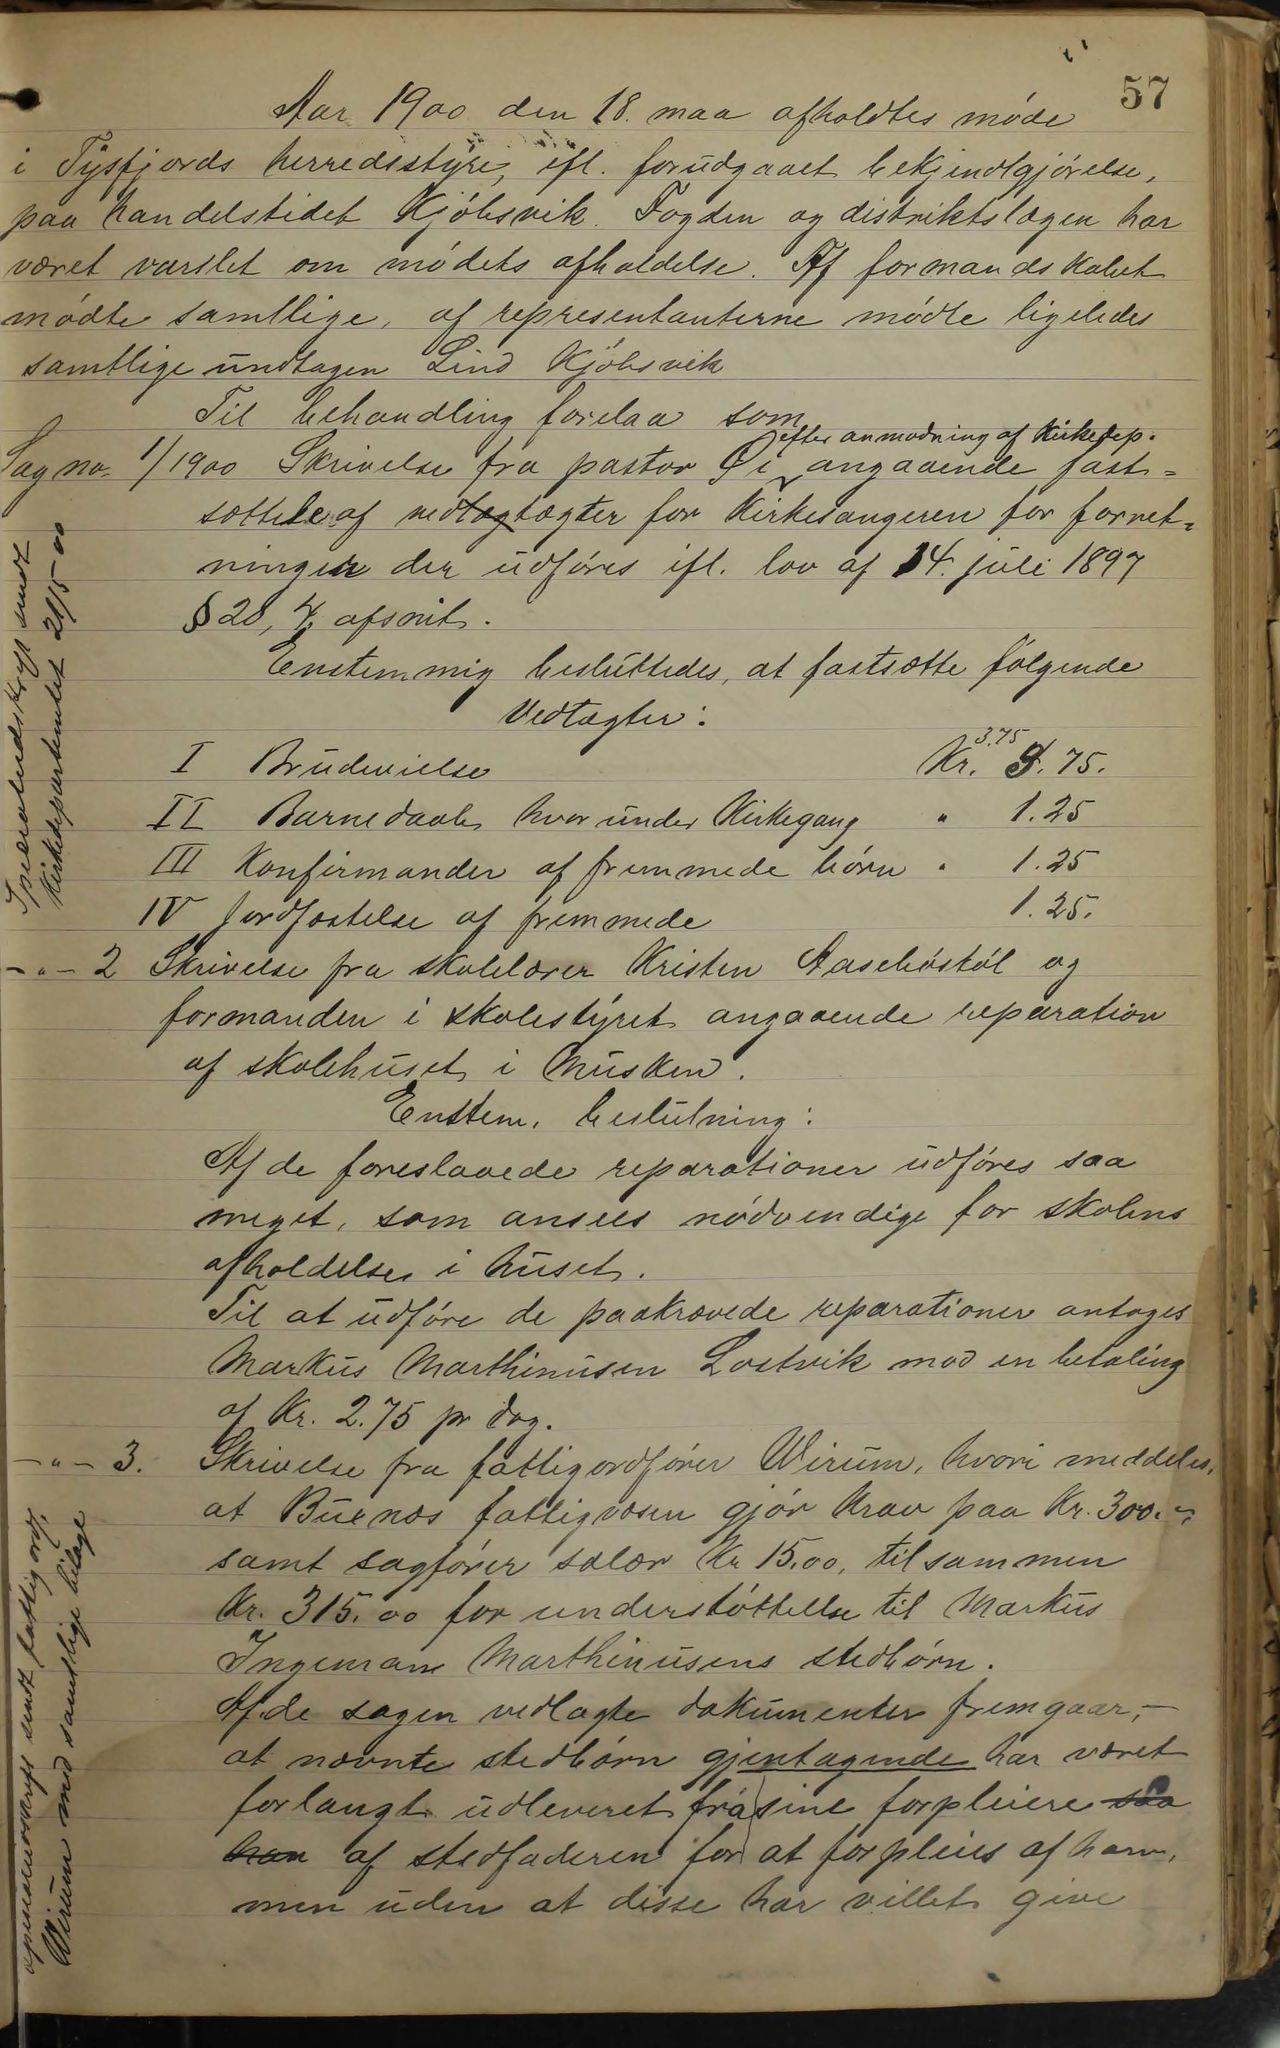 AIN, Tysfjord kommune. Formannskapet, 100/L0002: Forhandlingsprotokoll for Tysfjordens formandskap, 1895-1912, s. 57